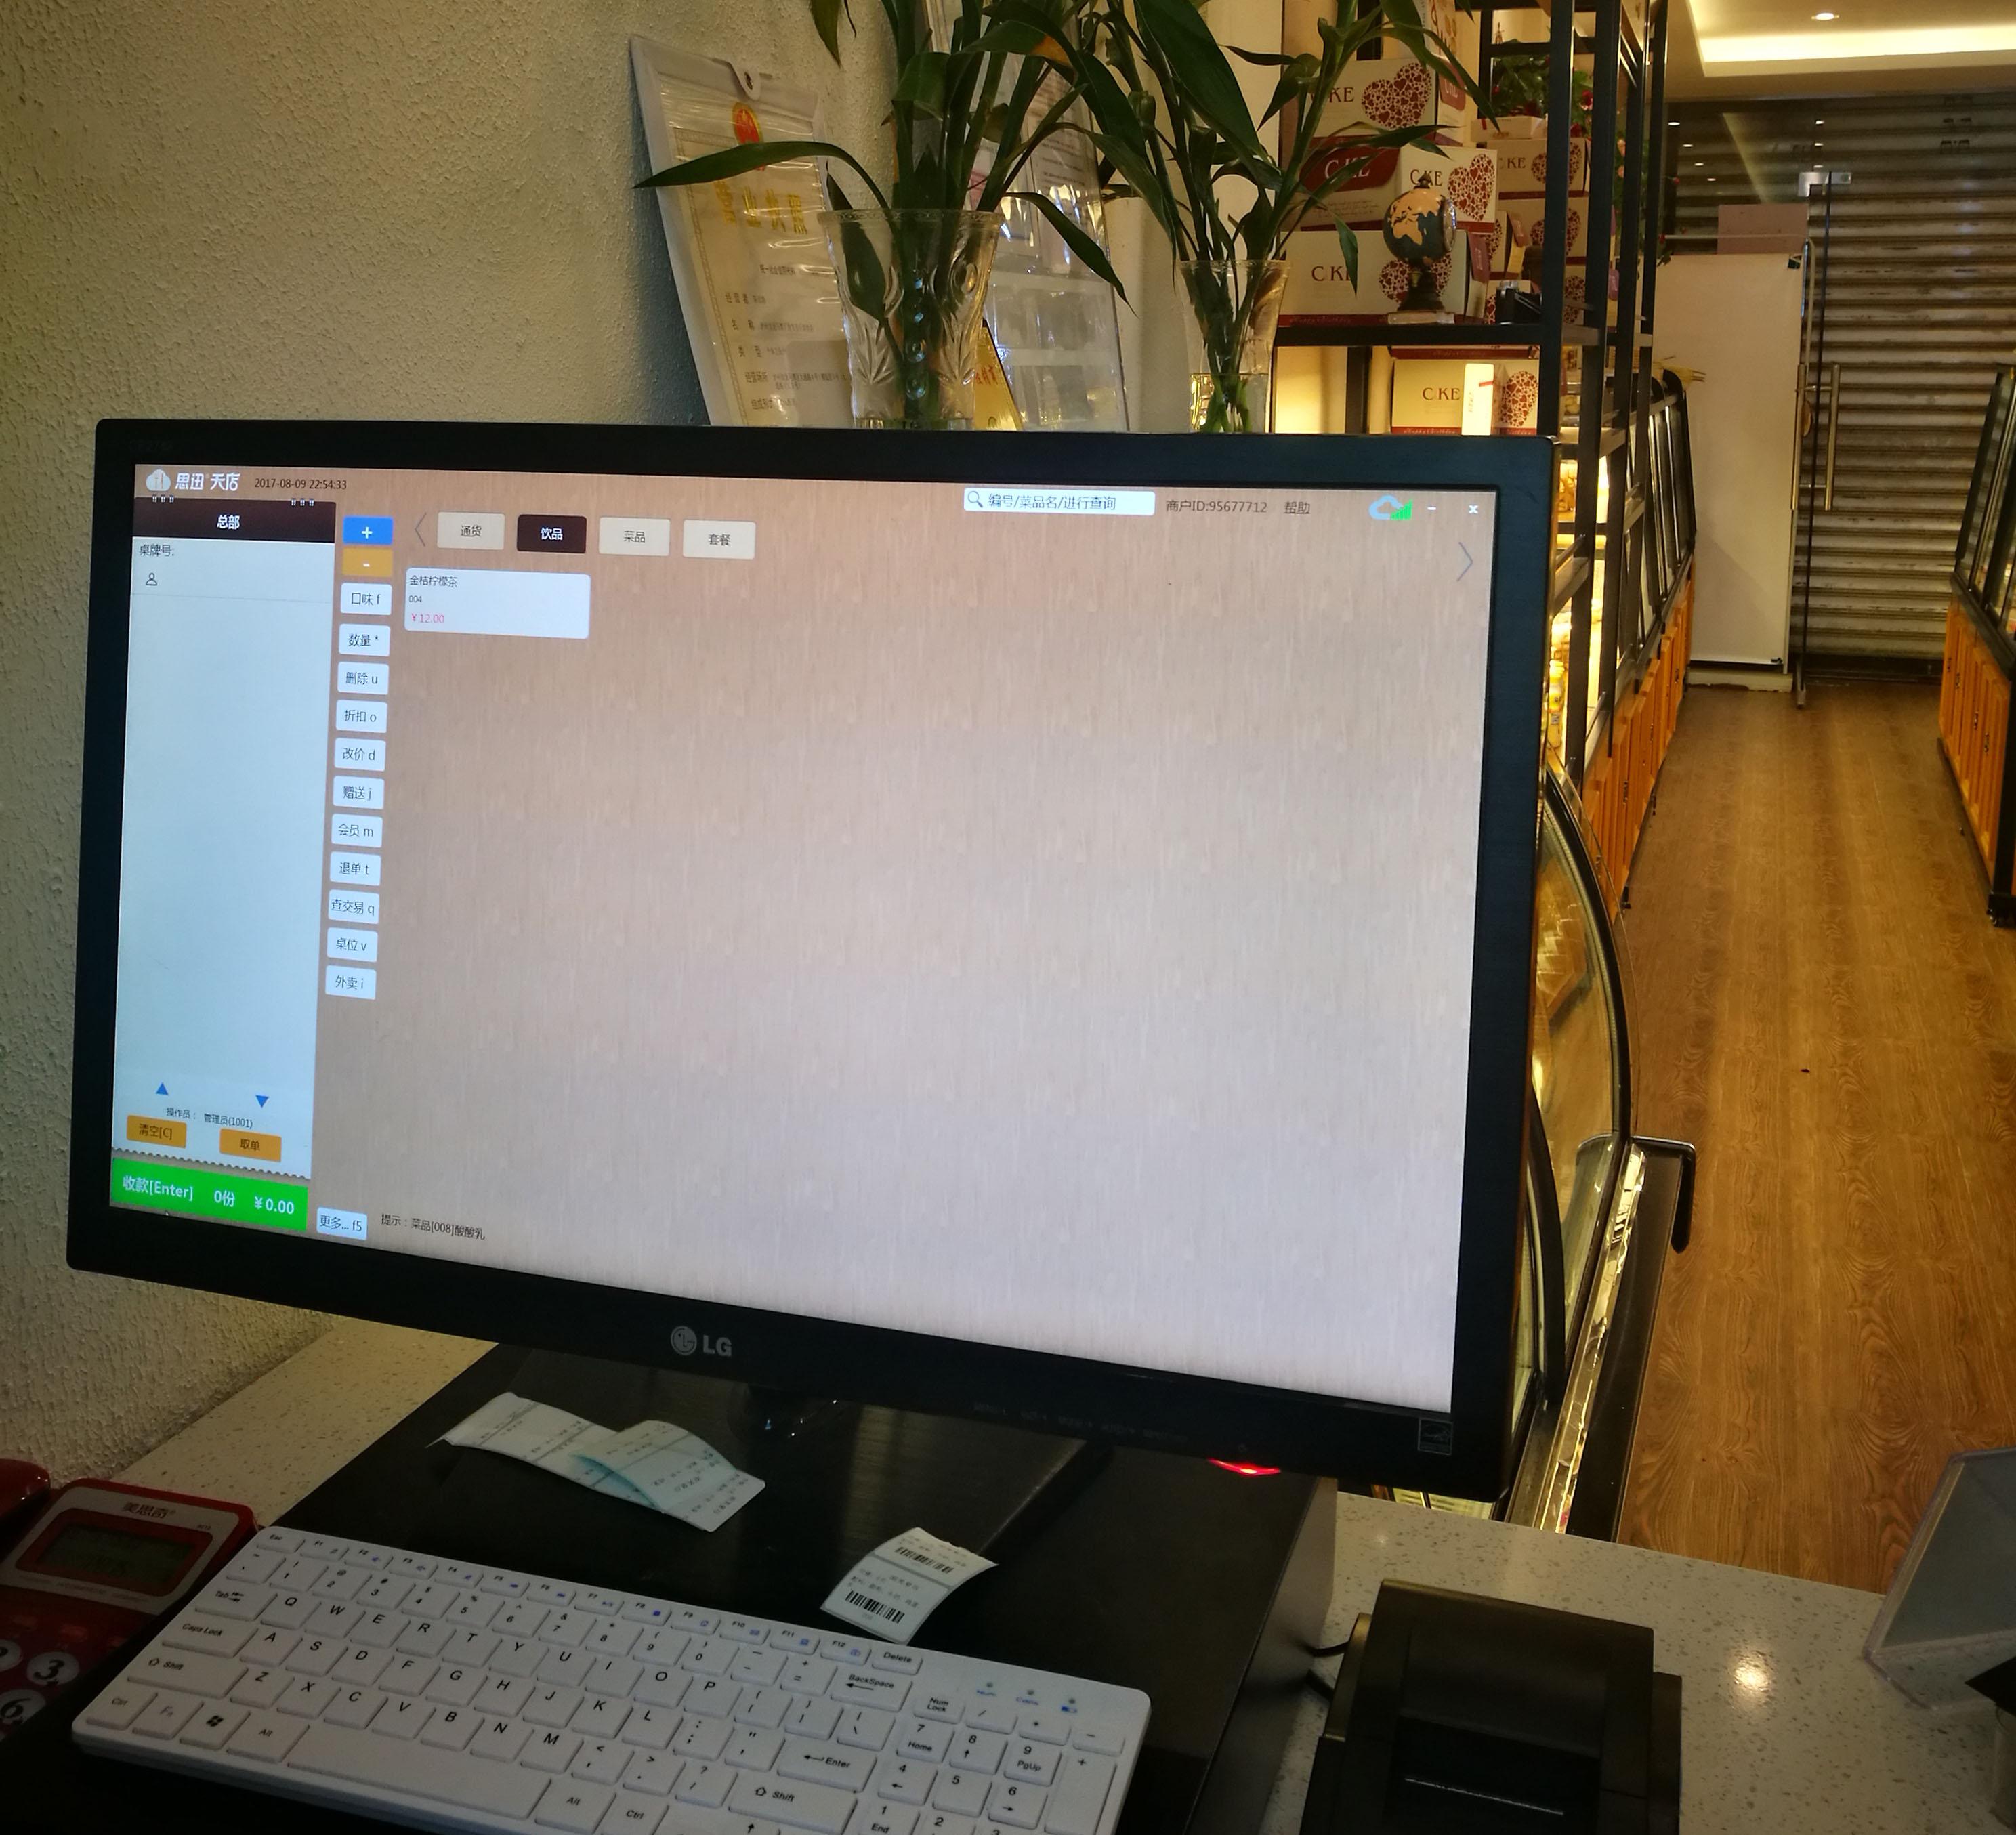 泡芙皇后正在使用天店收银软件.jpg